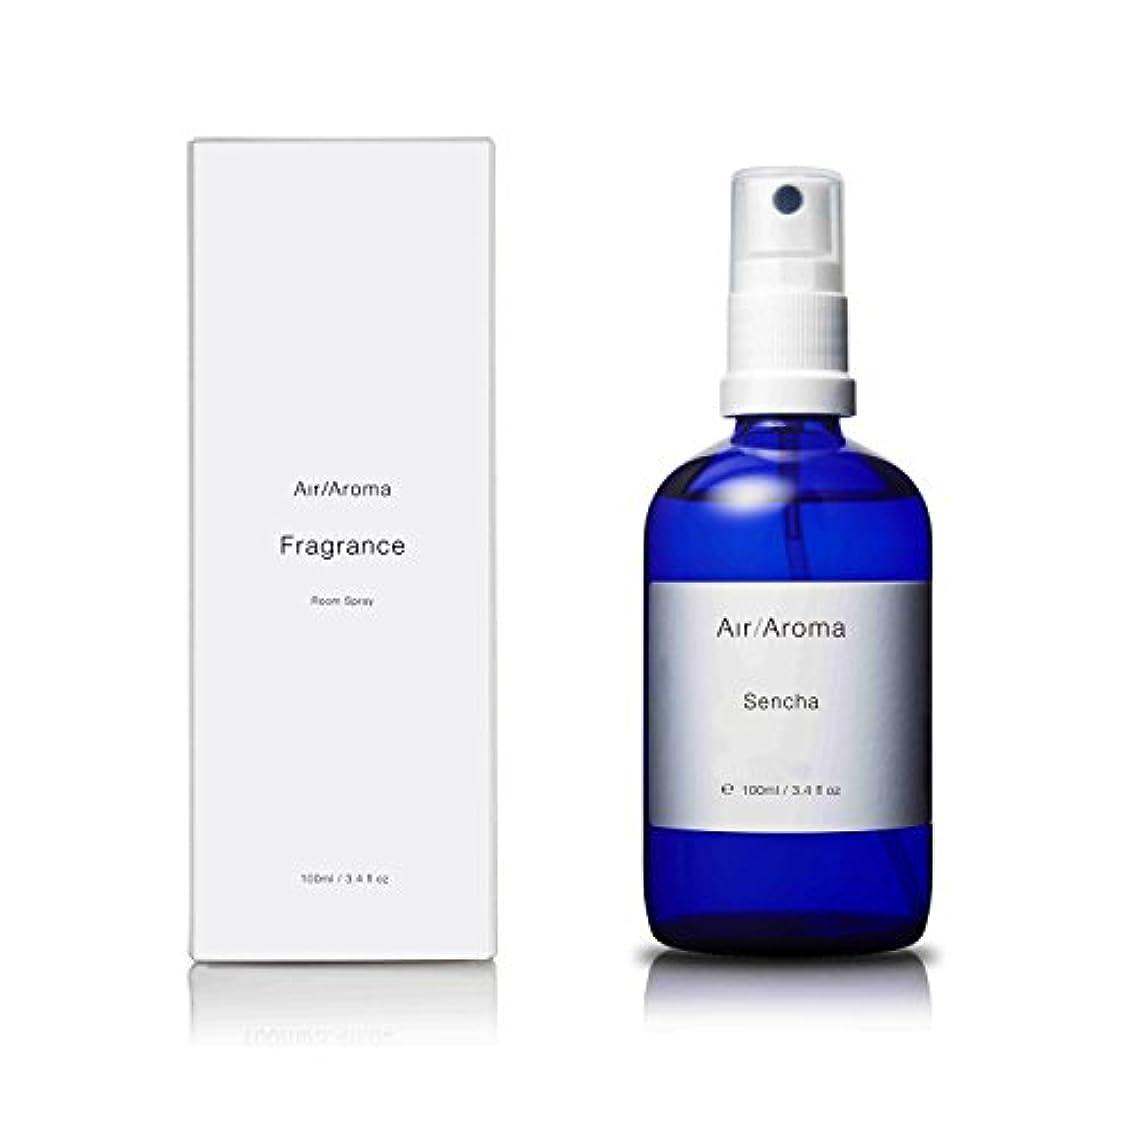 郵便物成人期装備するエアアロマ sencha room fragrance(センチャ ルームフレグランス)100ml